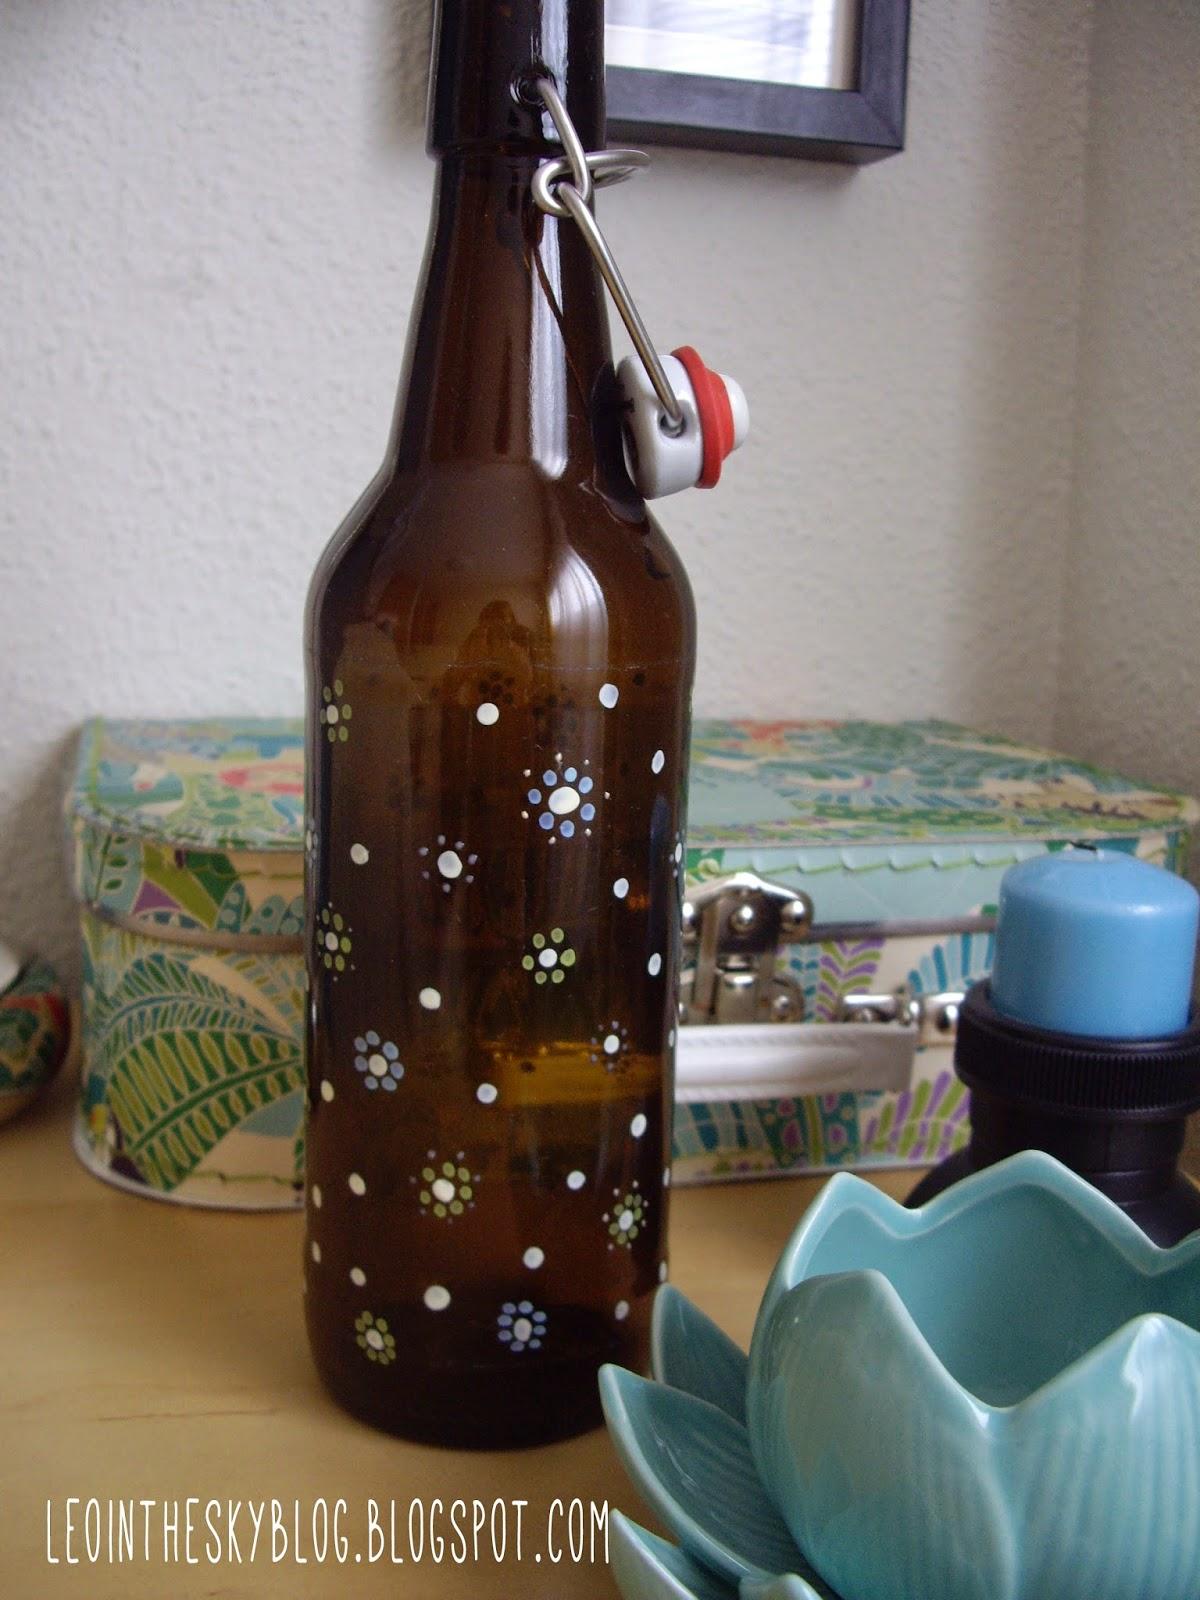 Botella Cerveza Decorada Navidad